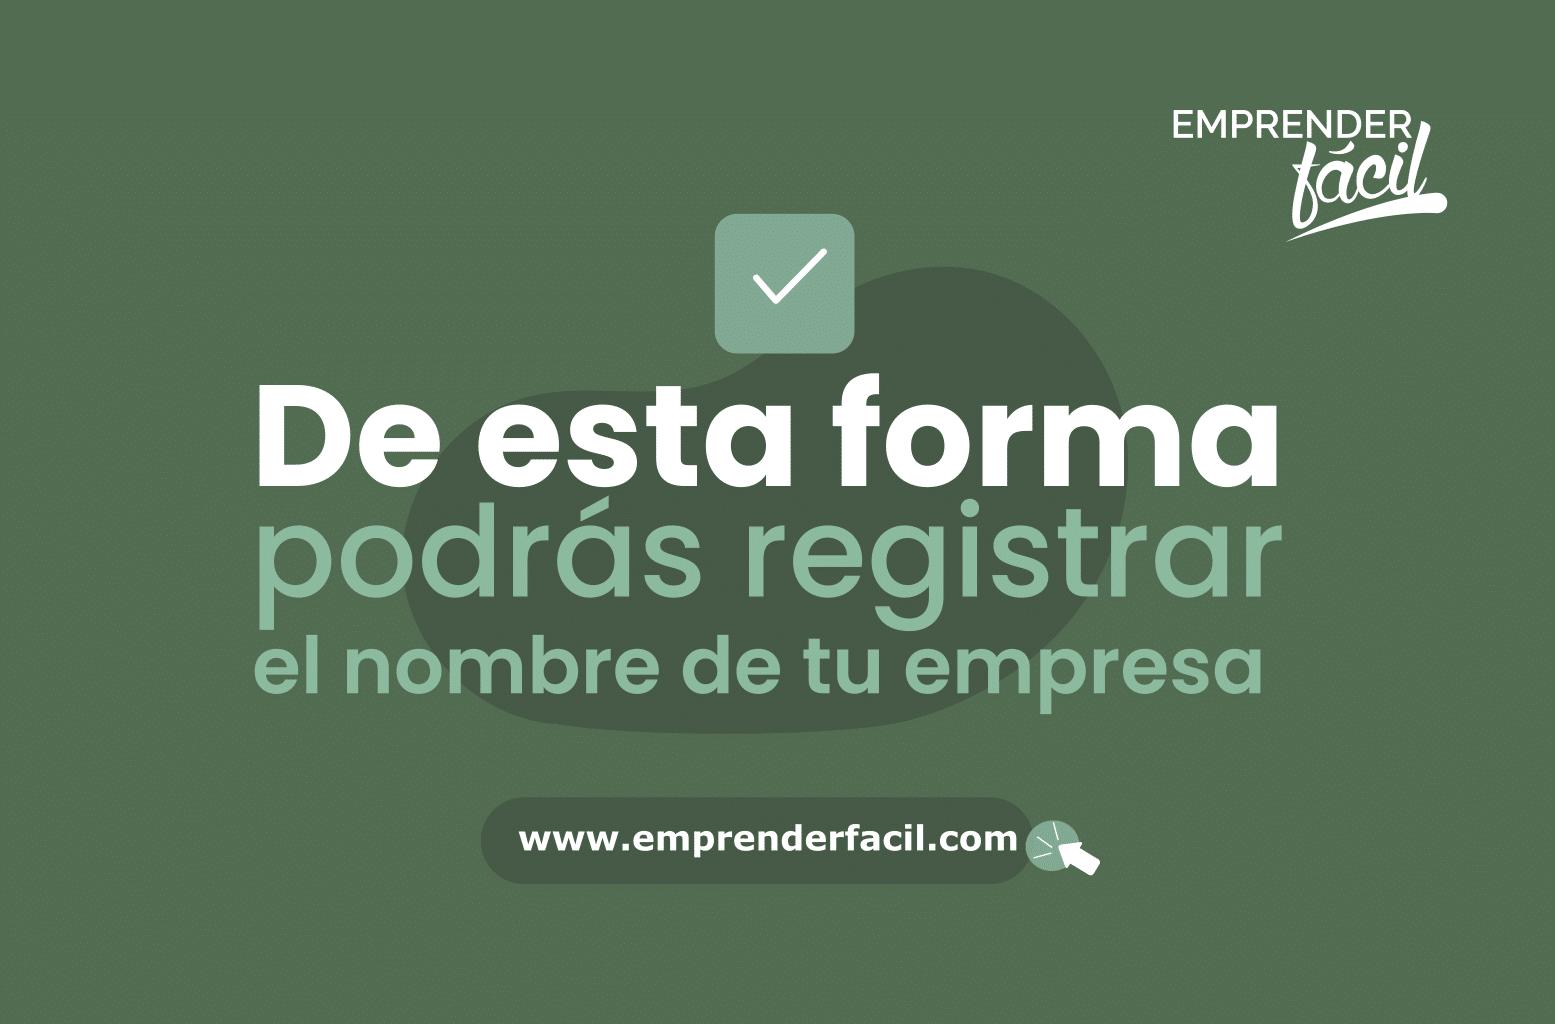 Pasos para registrar el nombre de tu empresa